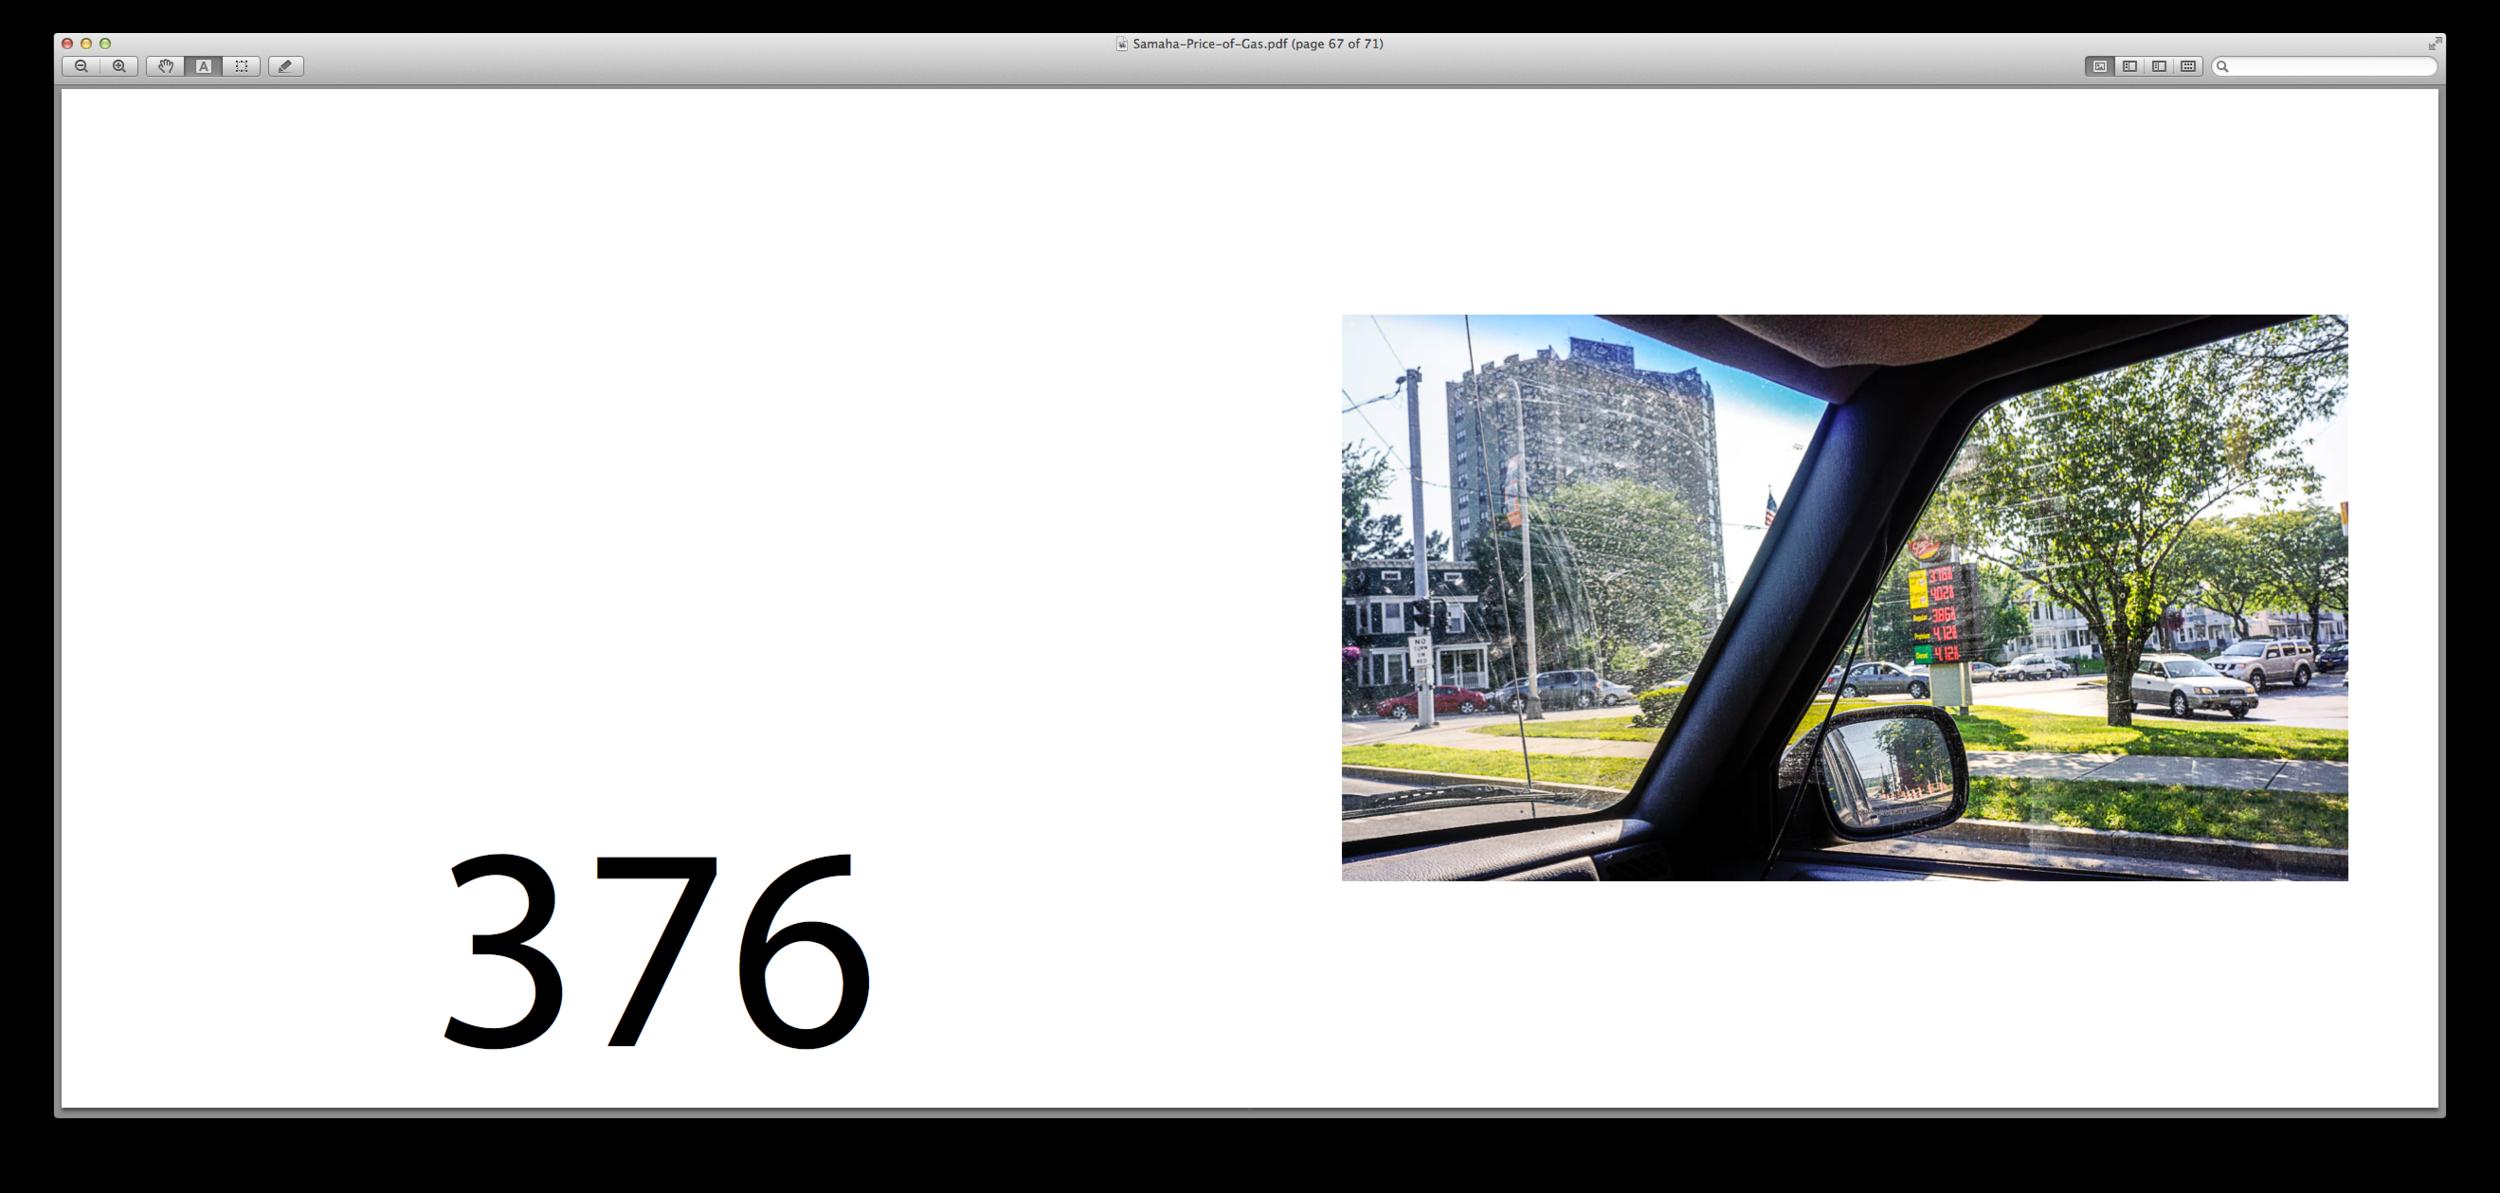 Screen Shot 2013-11-20 at 11.14.26 PM.png